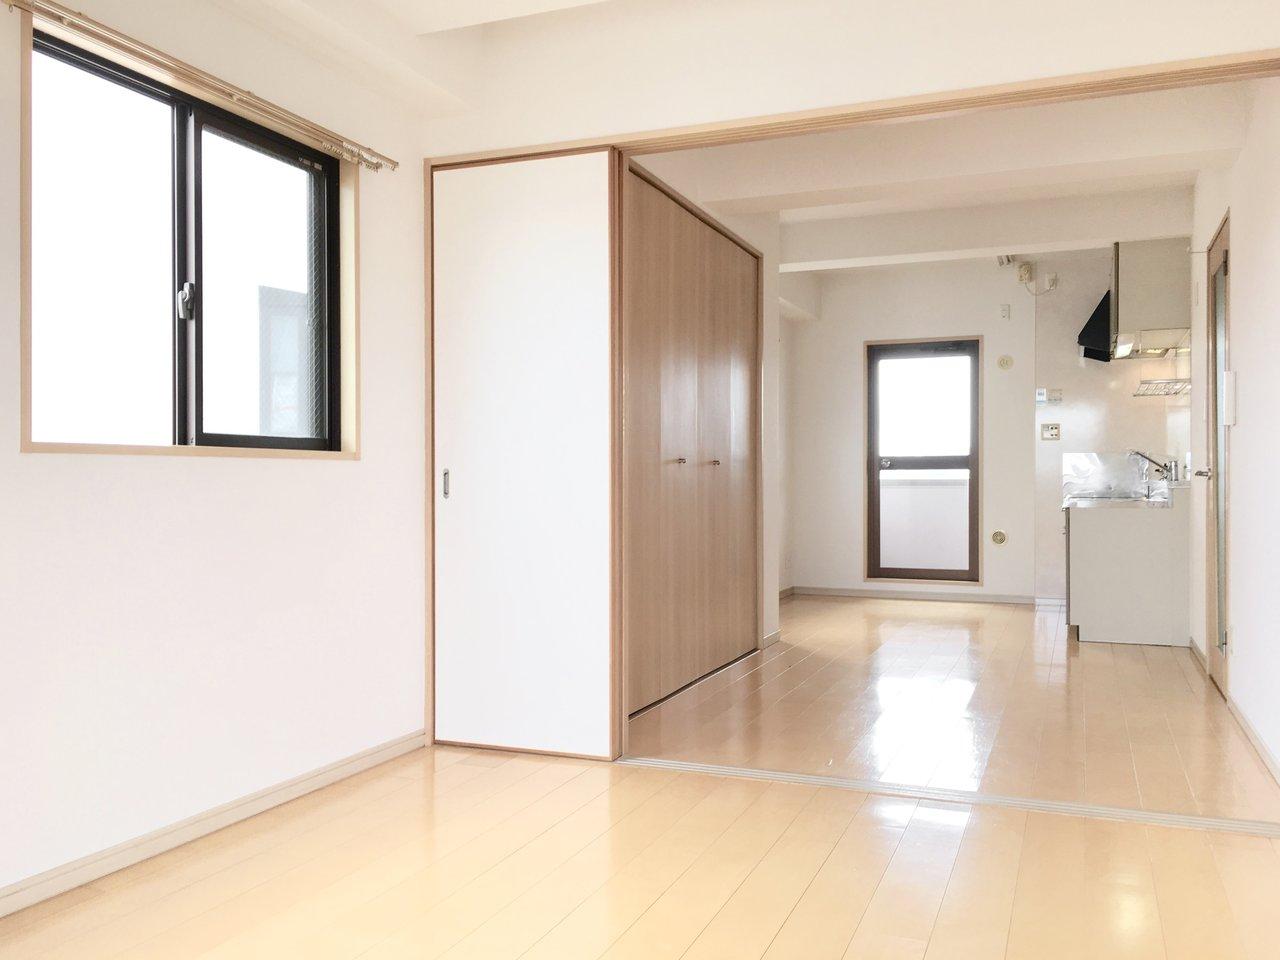 阪急電鉄宝塚線・服部天神駅から徒歩11分。2LDKの広々とした、使い勝手のよさそうなお部屋です。